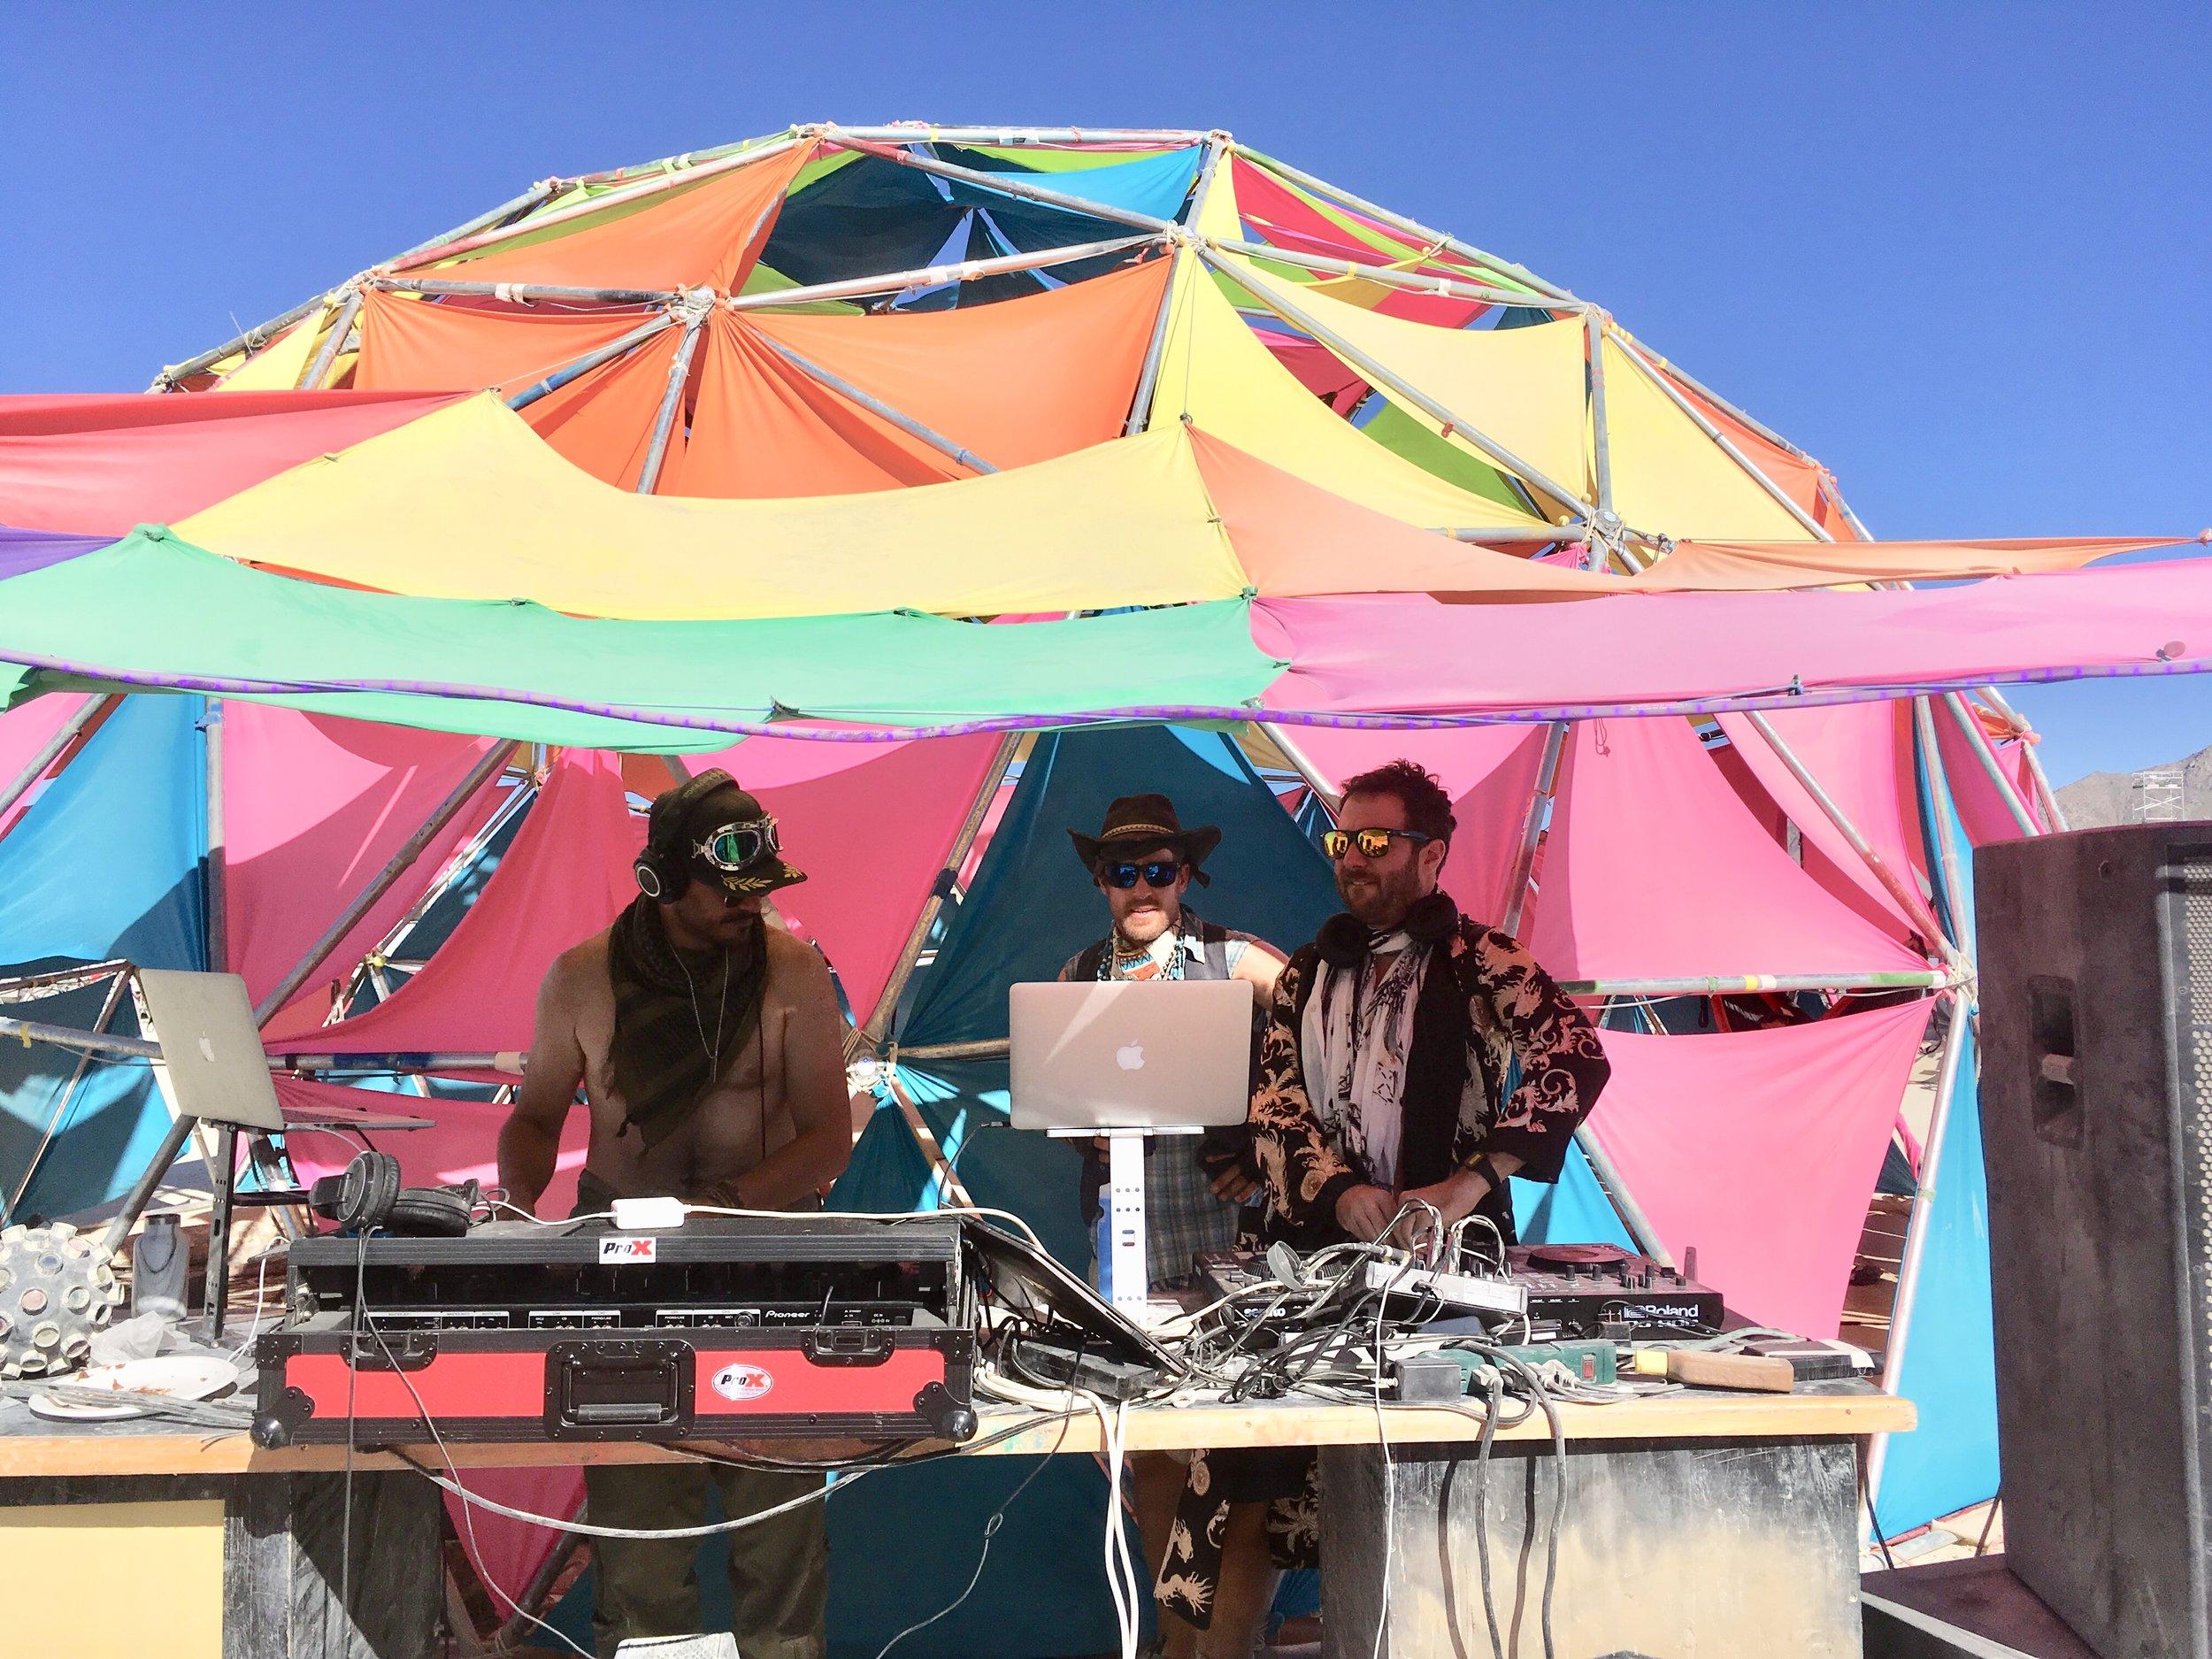 MJP performing at Burning Man 2019. Photo by Liz Poderski